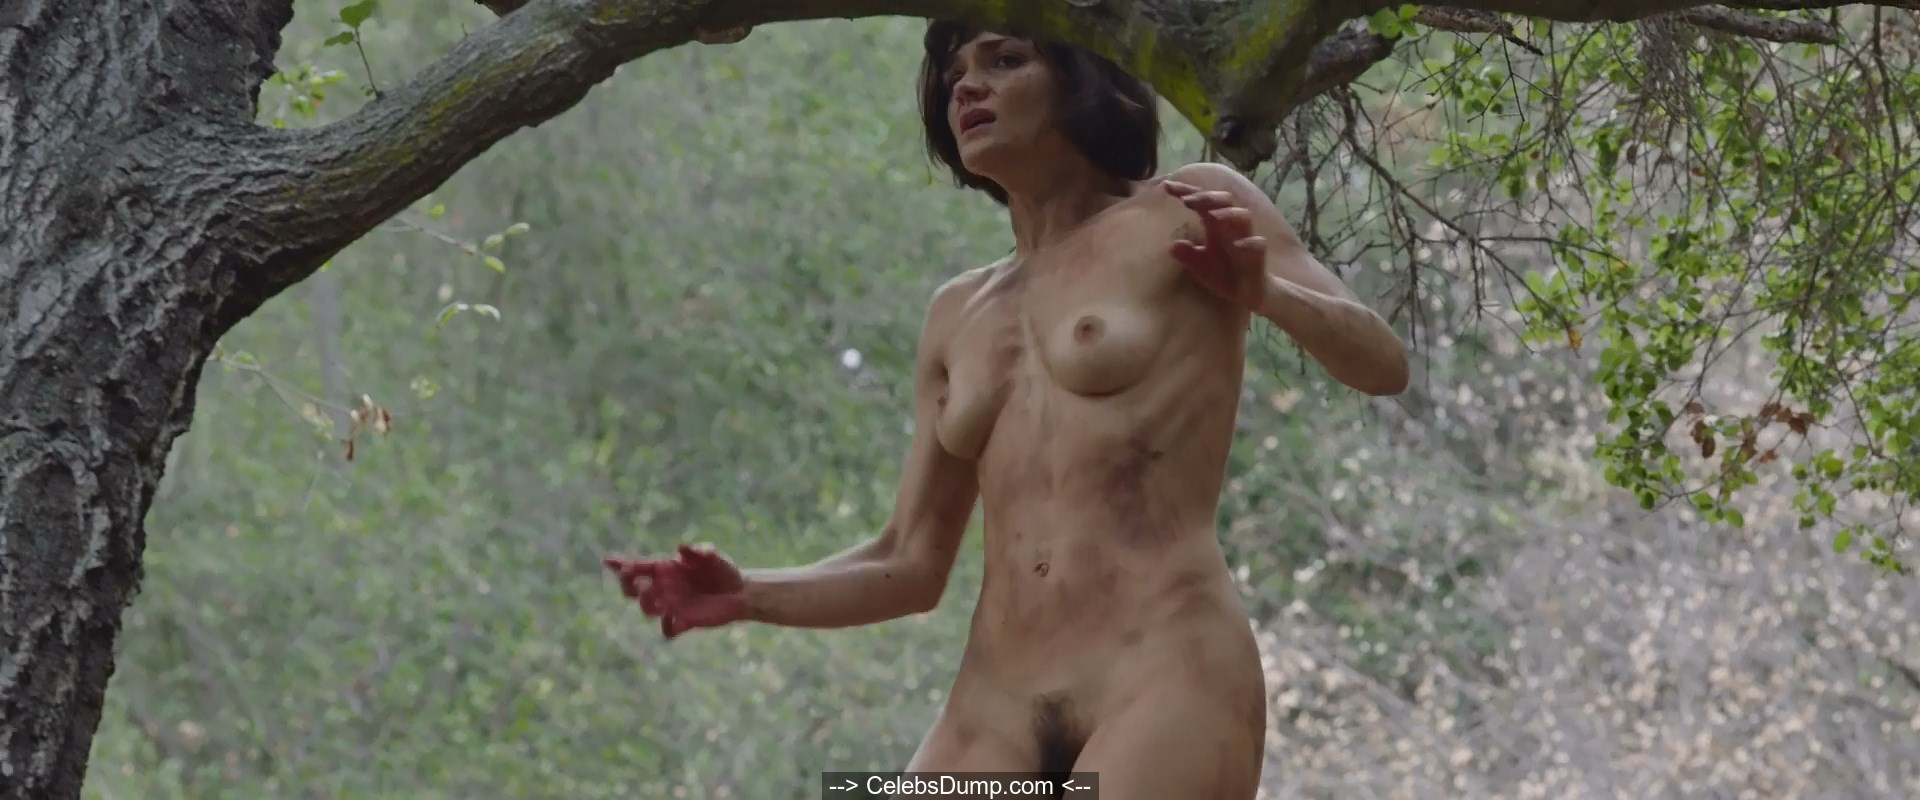 Nackt  Jamie Bernadette Sophie Anderton